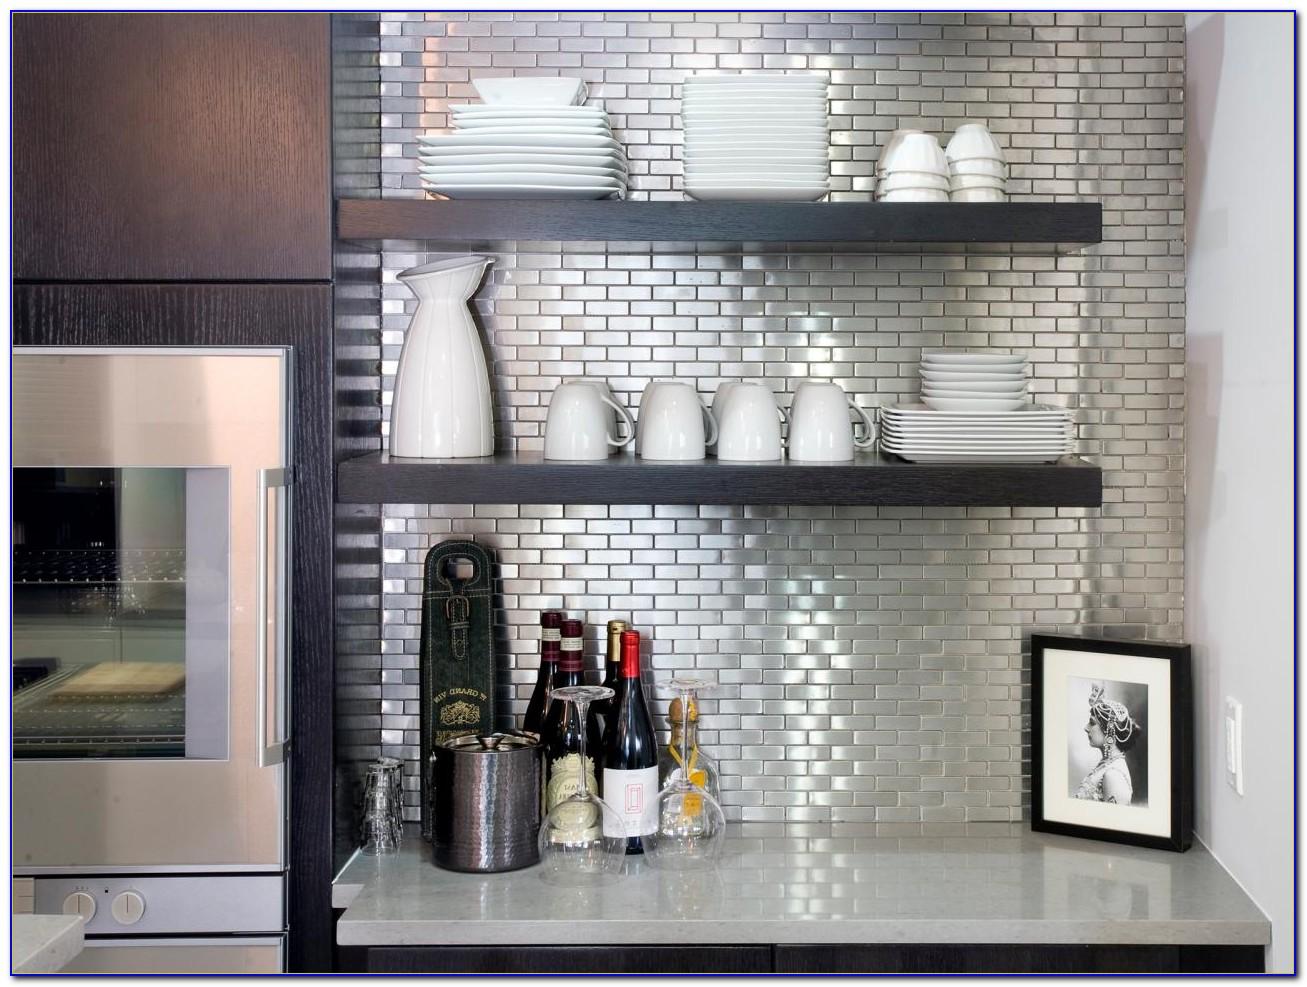 - Stainless Steel Tiles Backsplash Peel Stick - Tiles : Home Design